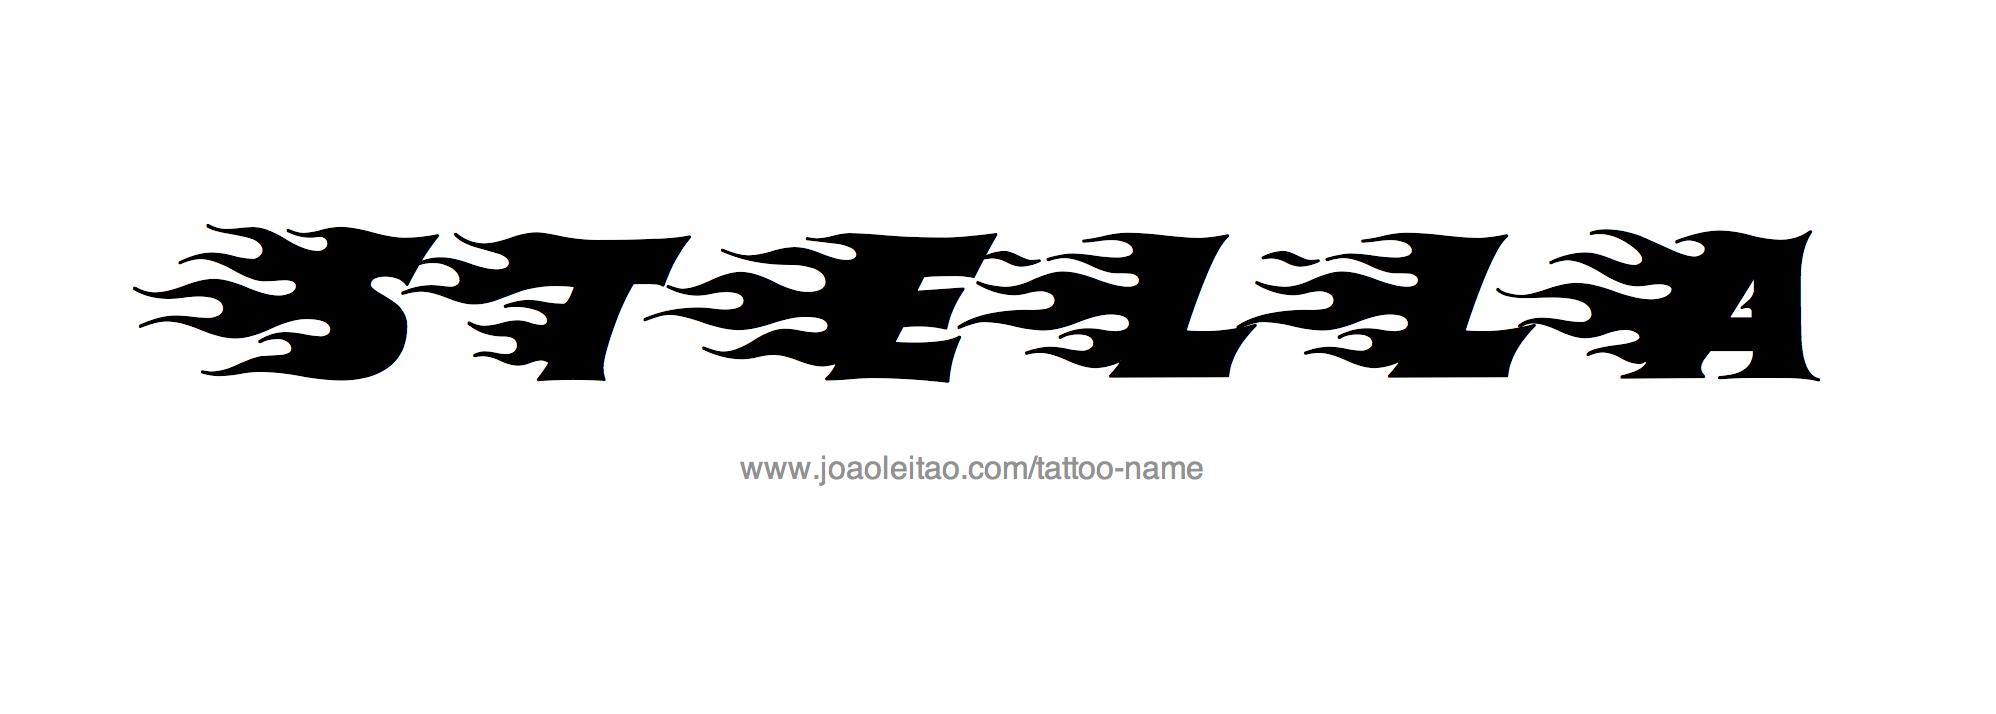 Stella Name Tattoo Designs